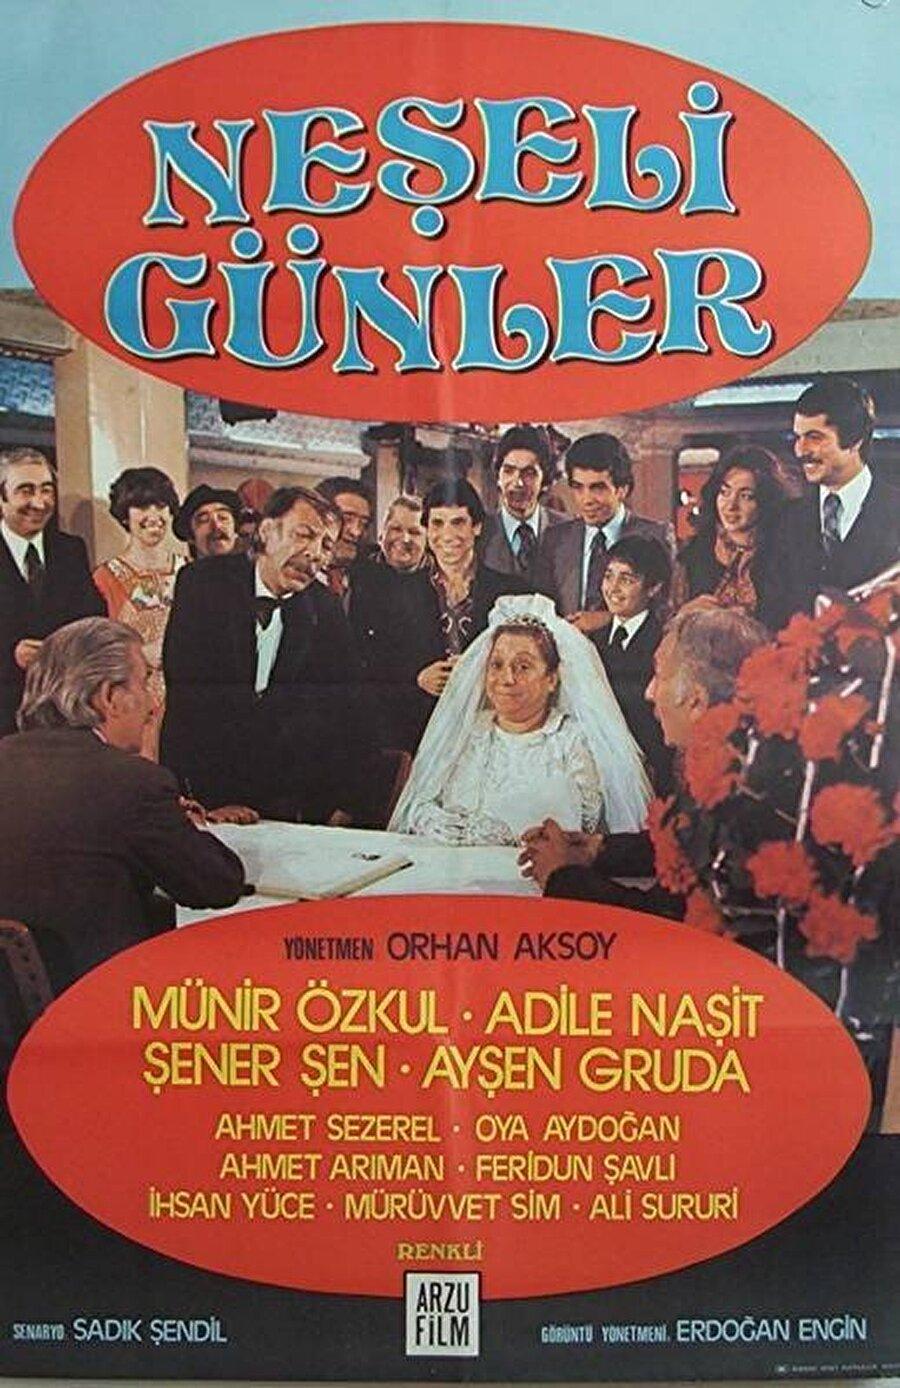 Film için ise 2 ayrı afiş kullanılmıştır. 1. afiş nikah masası sahnesinden oluşmaktadır.